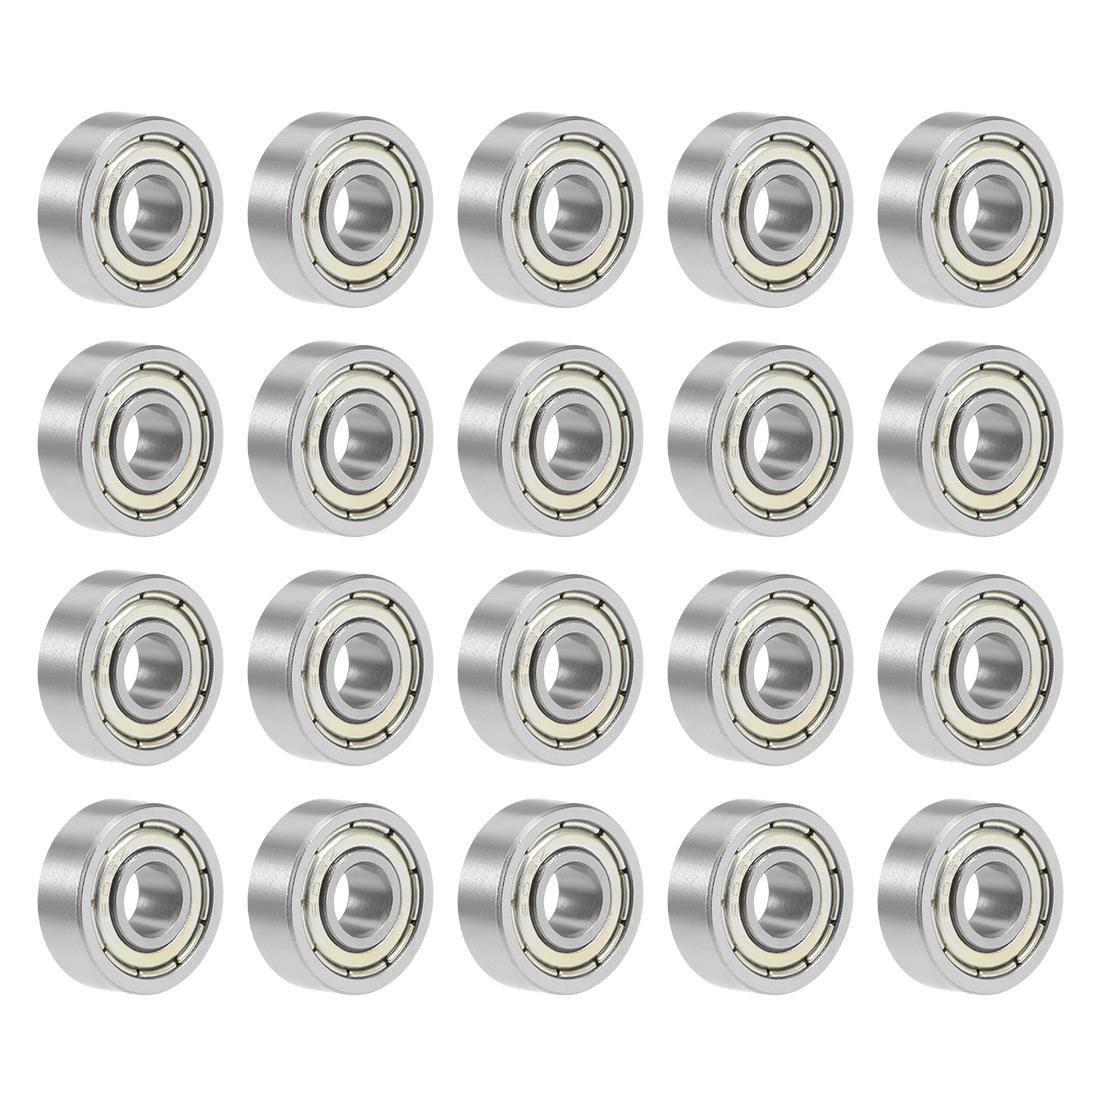 20pcs 689ZZ 9mmx17mmx5mm Double Shielded Miniature Deep Groove Ball Bearing